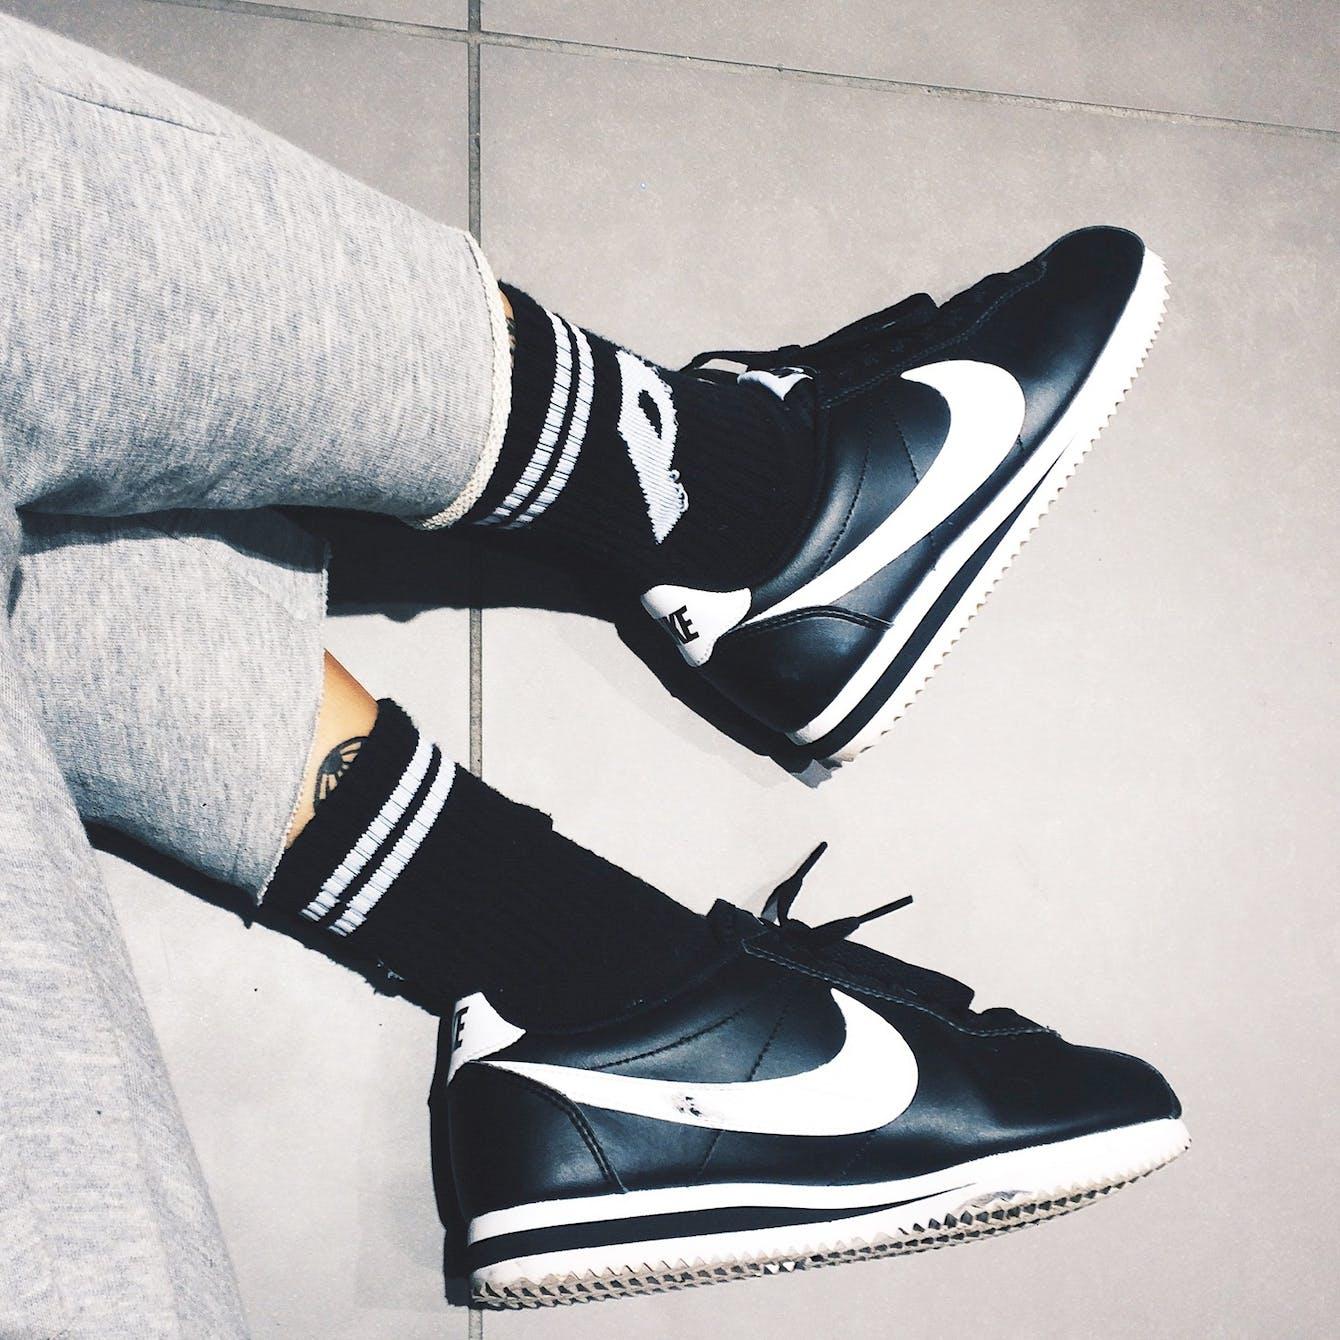 Image of Juice Gee shoe wear